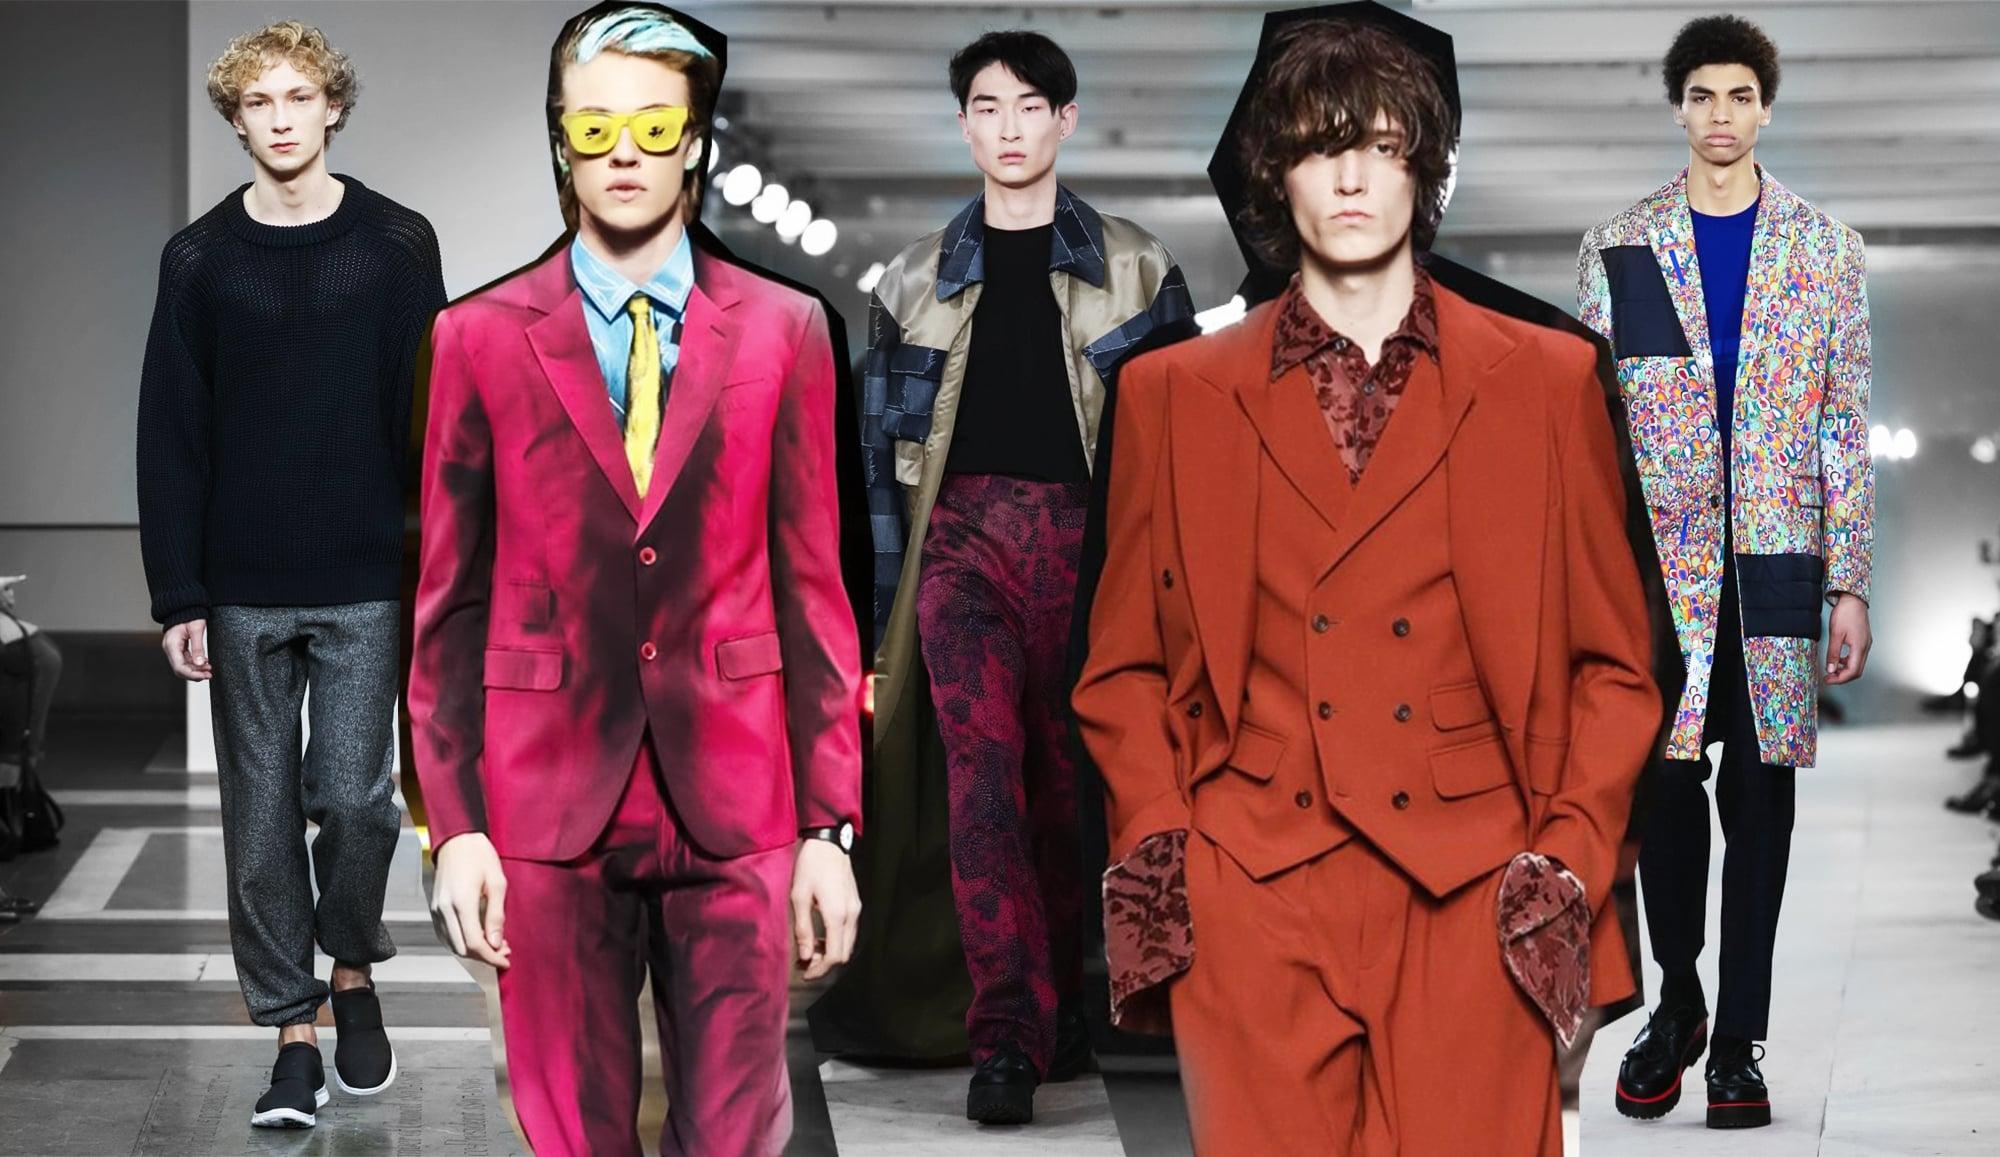 london men fashion week jose vargas fashion blog honduras blogger runway londres moda